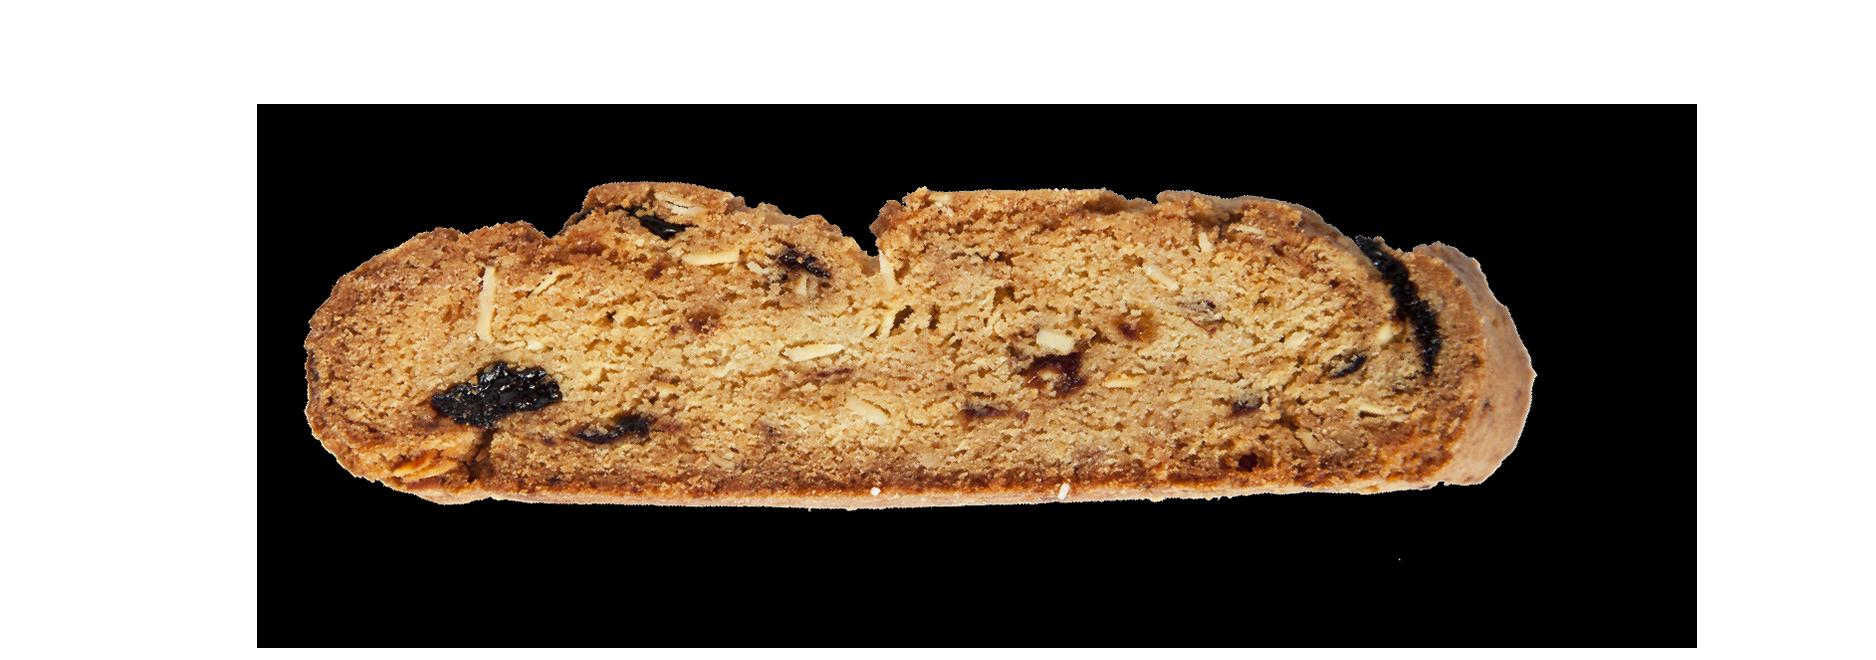 biscotti cherry almond.png